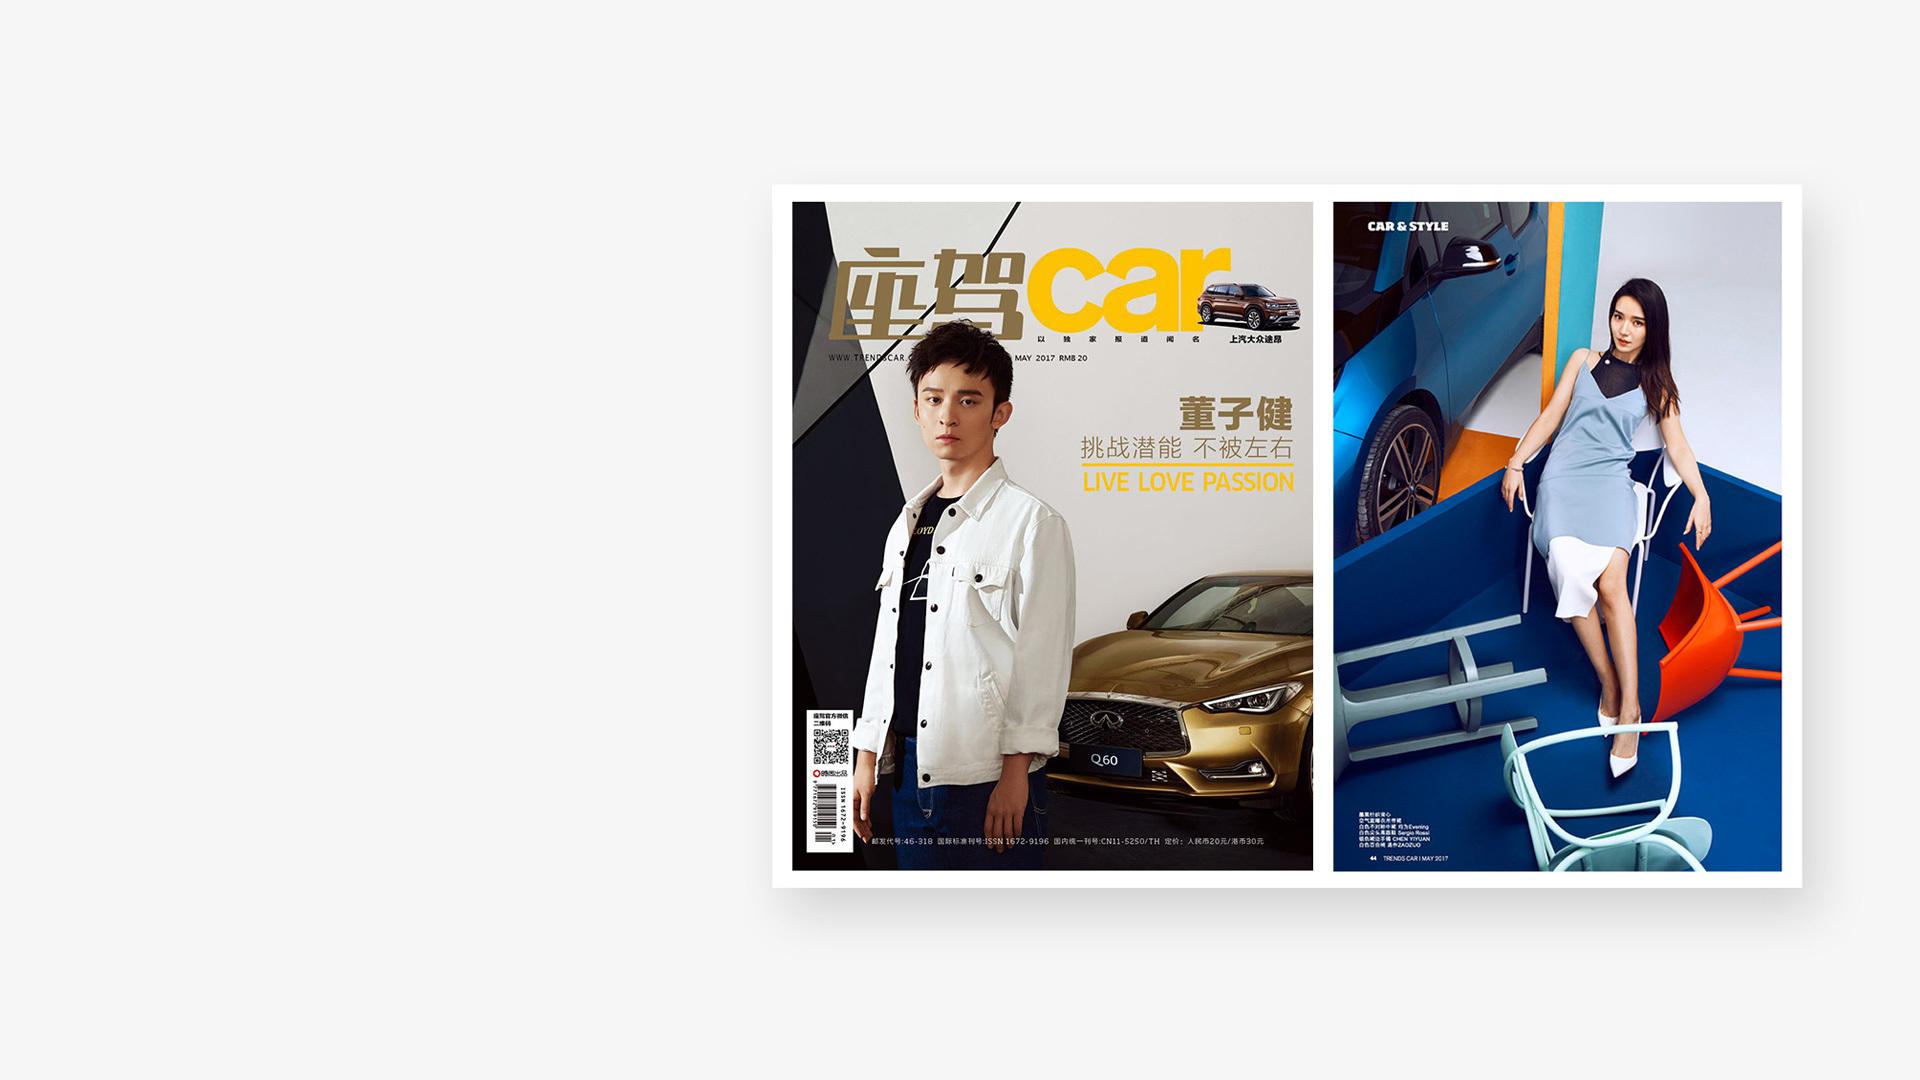 时尚汽车杂志《座驾》<br/>演绎家居的速度与激情